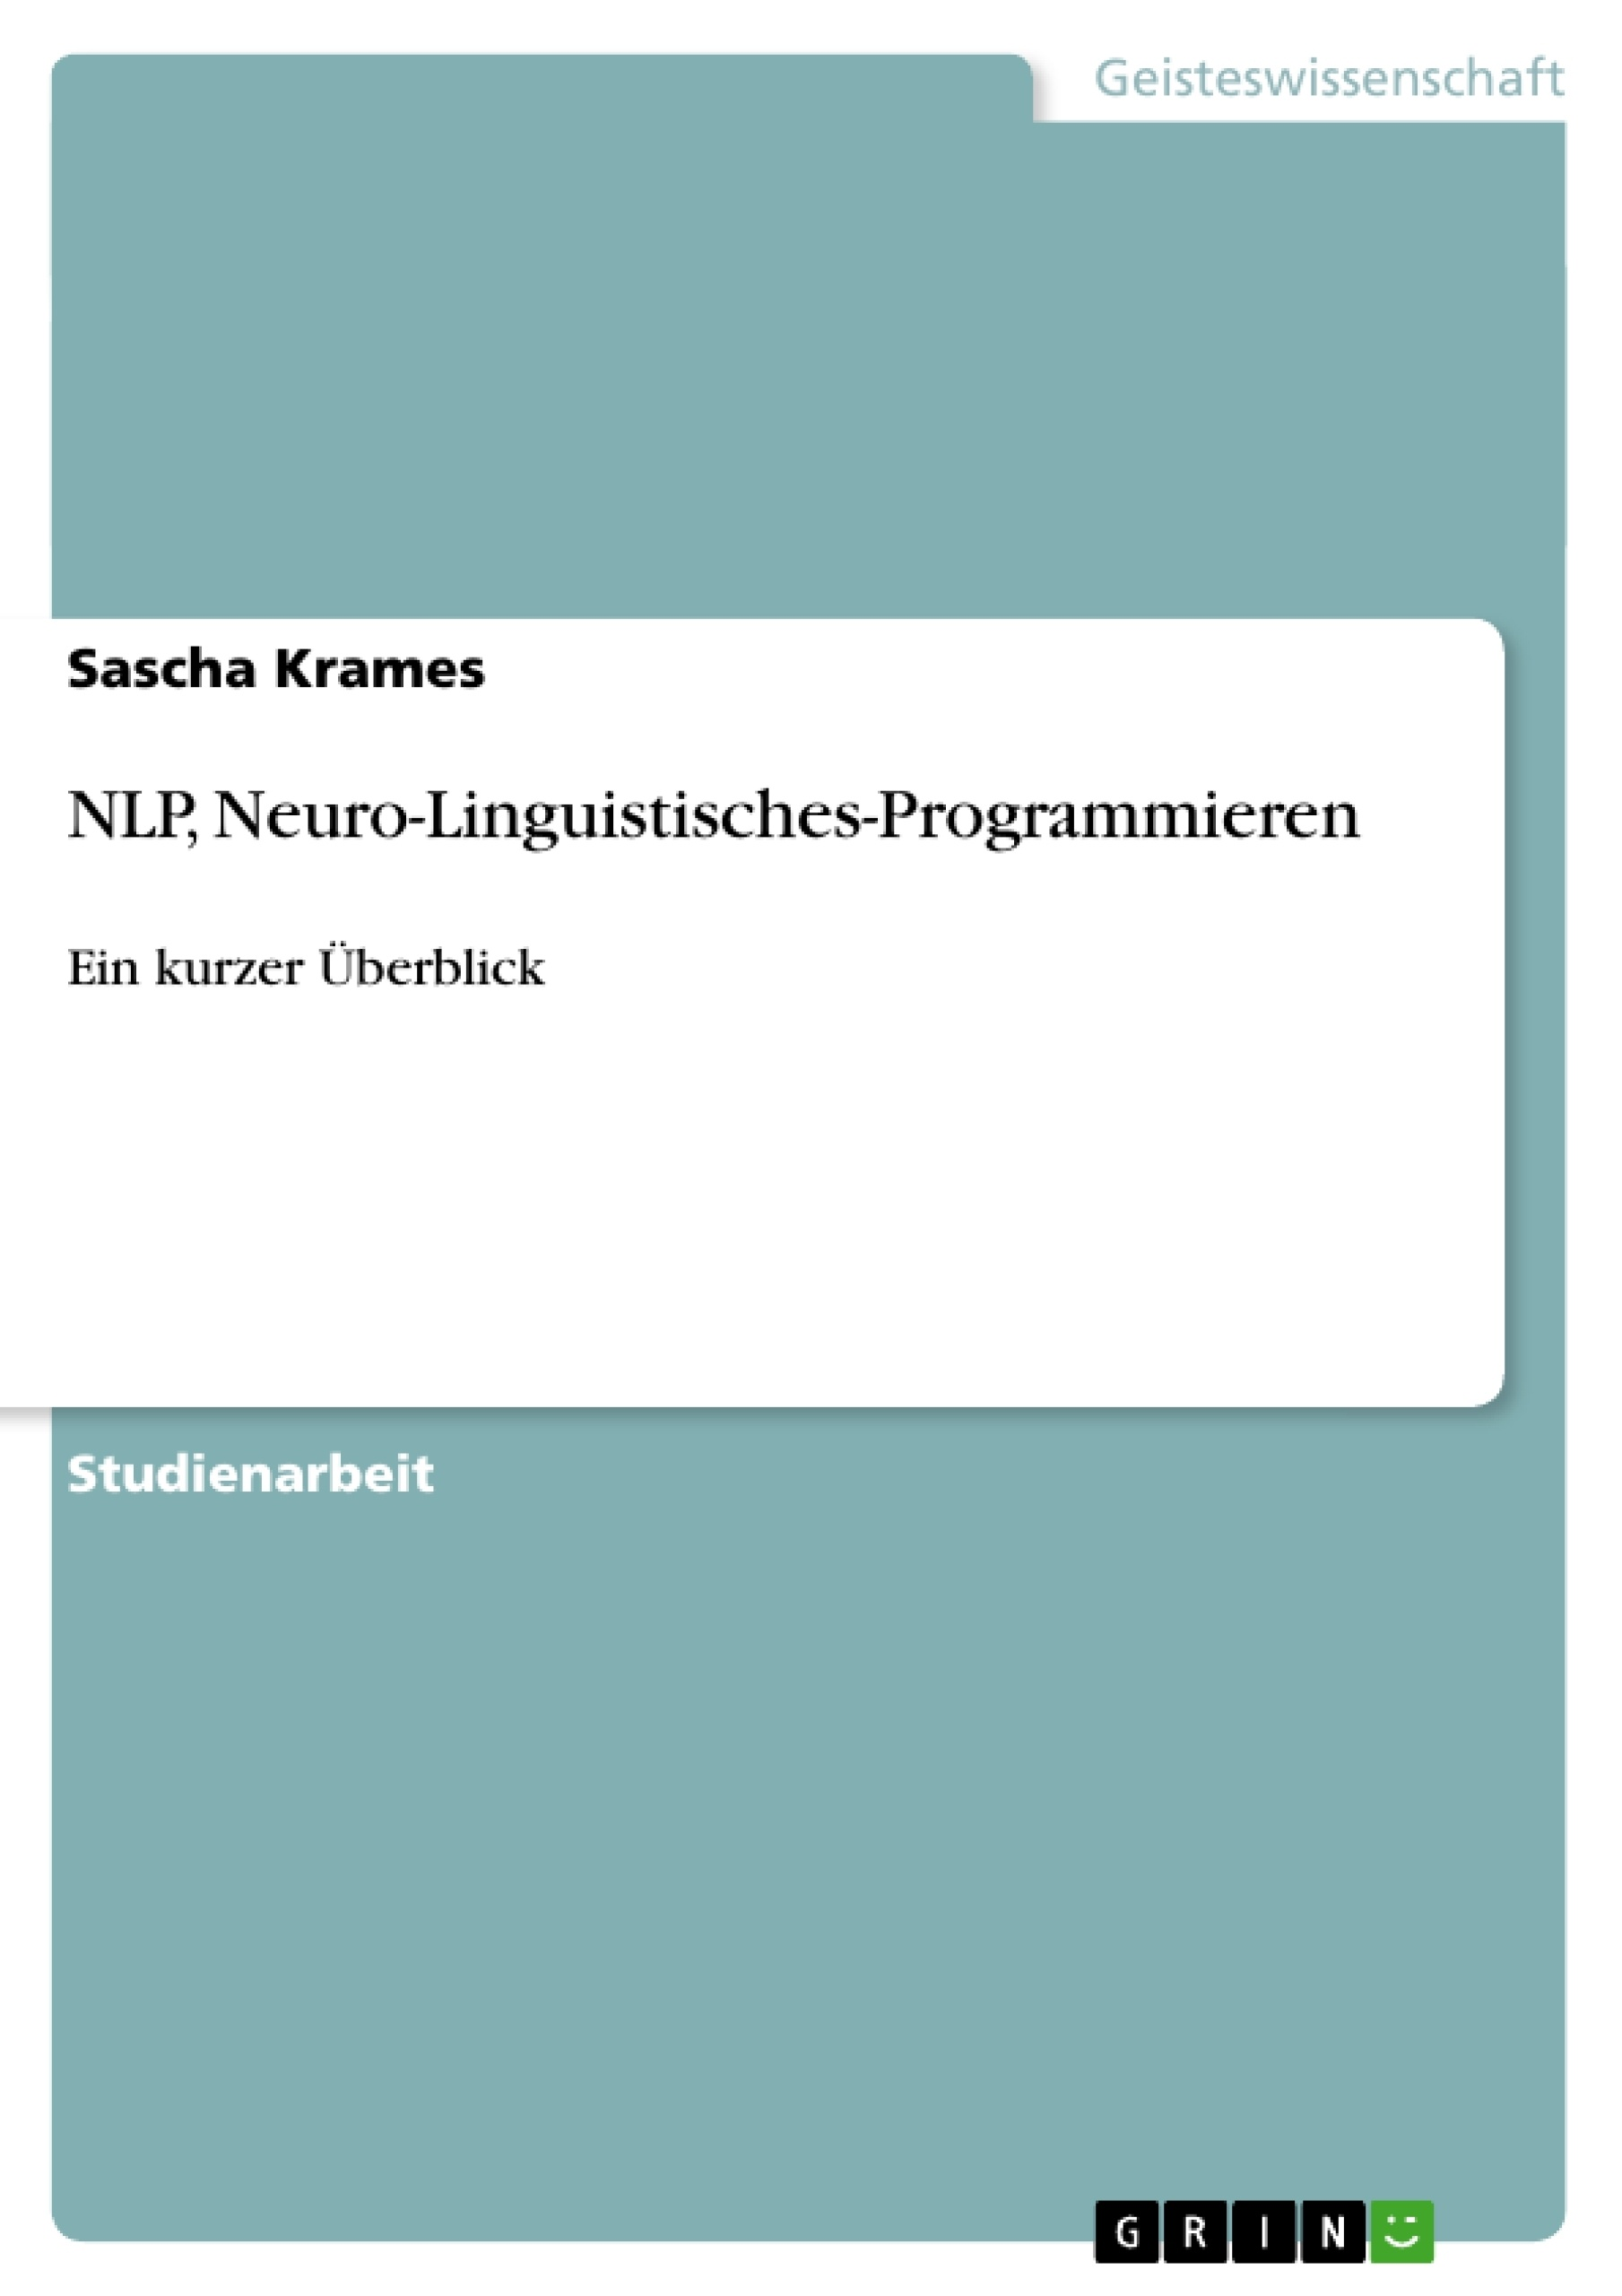 Titel: NLP, Neuro-Linguistisches-Programmieren